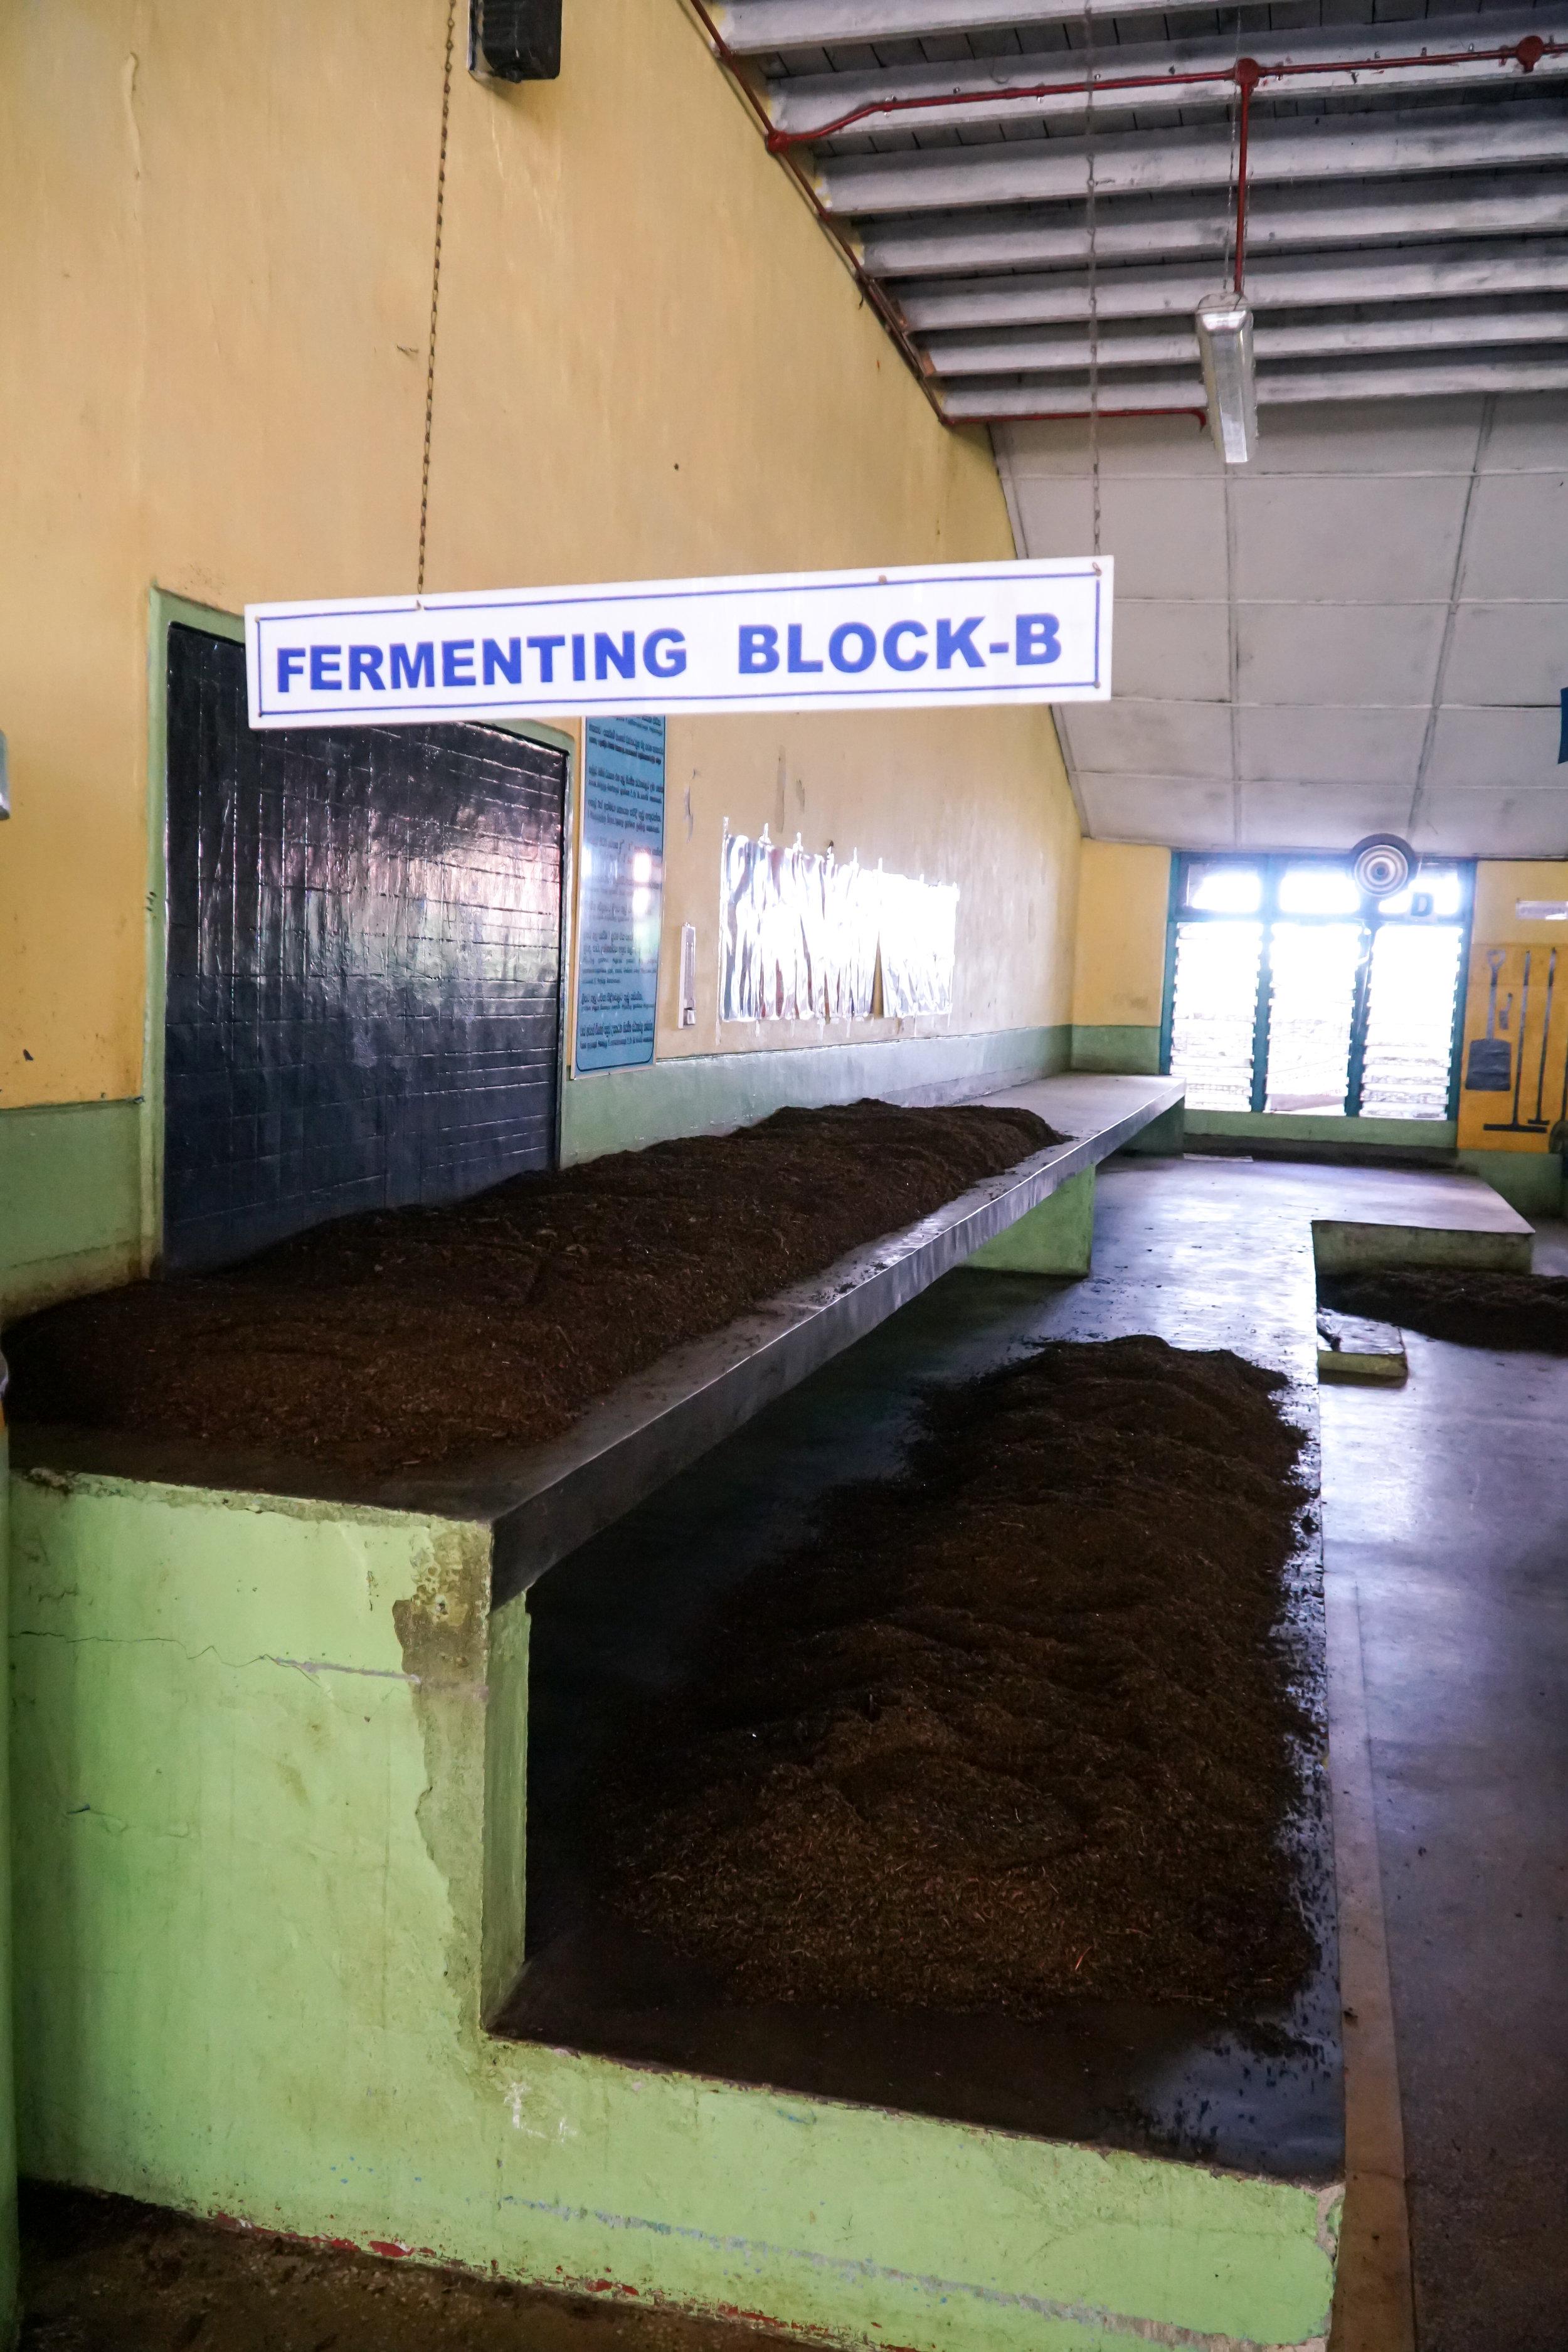 Jauhetut teelehdet jätetään fermentoitumaan. Tässä vaiheessa niihin muodostuu luonnollisesti kofeiinia.